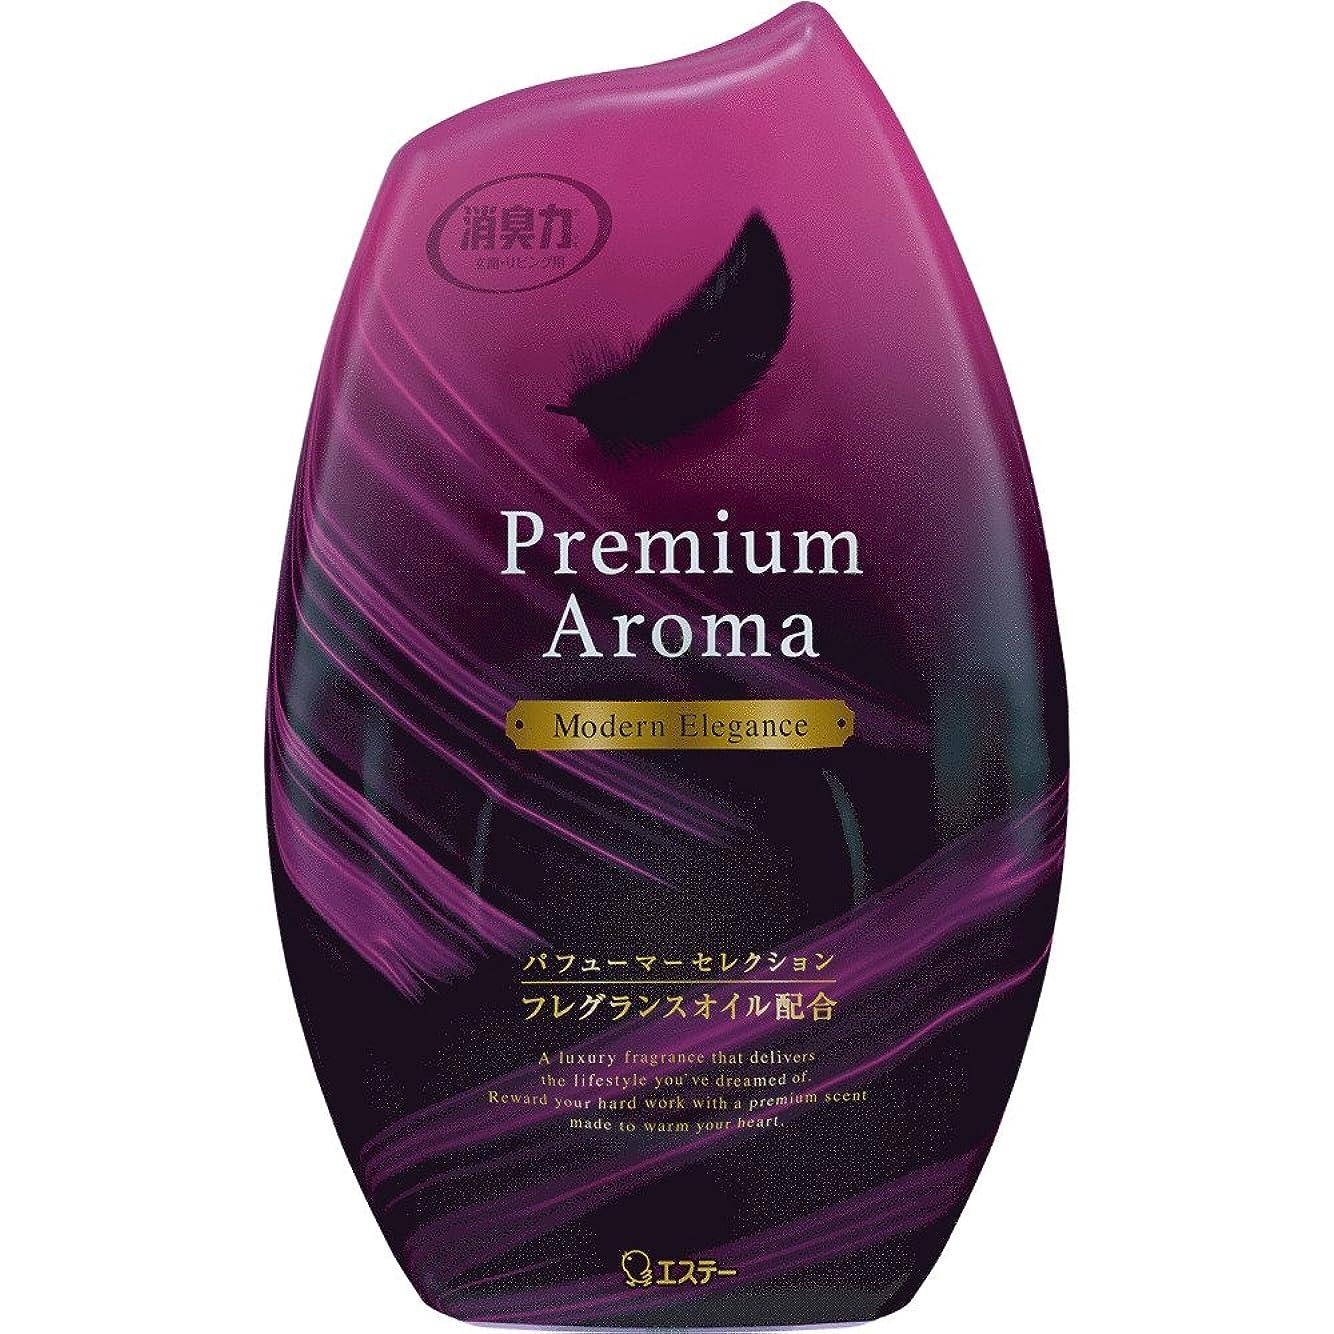 事実上湾オーバードローお部屋の消臭力 プレミアムアロマ Premium Aroma 消臭芳香剤 部屋用 部屋 モダンエレガンスの香り 400ml